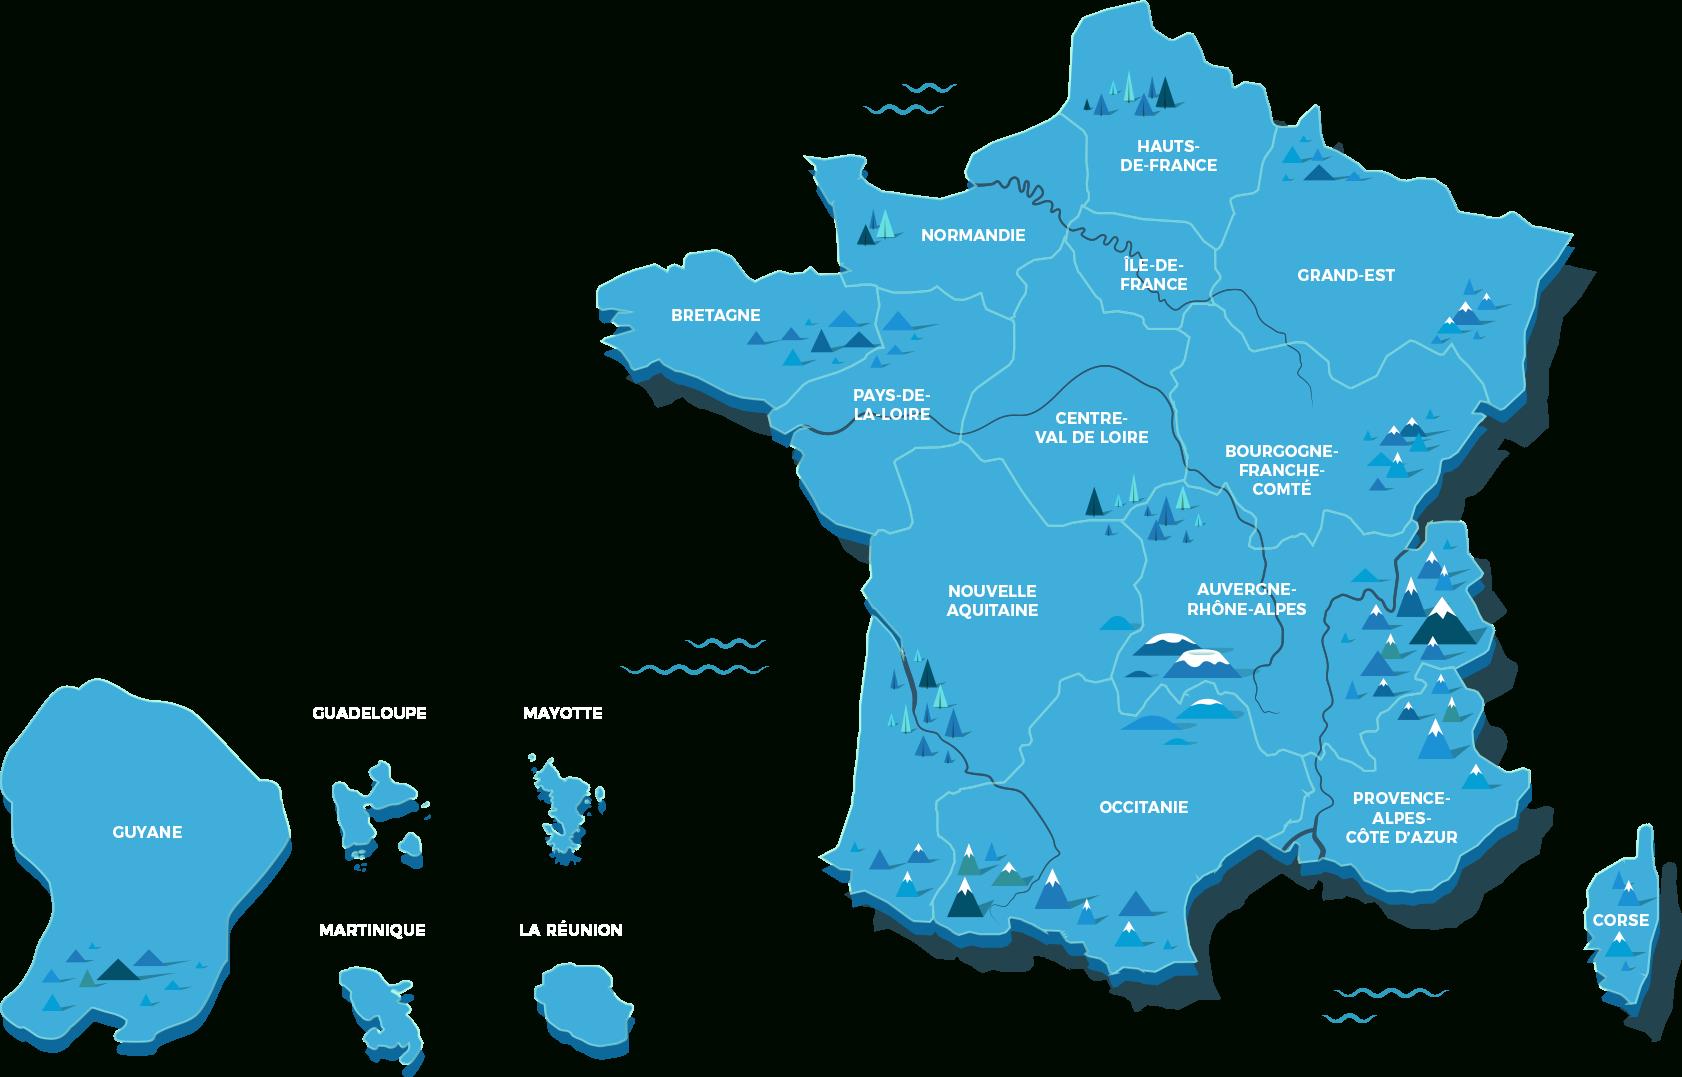 Les Régions De France - Jeu Géographie | Lumni intérieur Jeu Geographie France